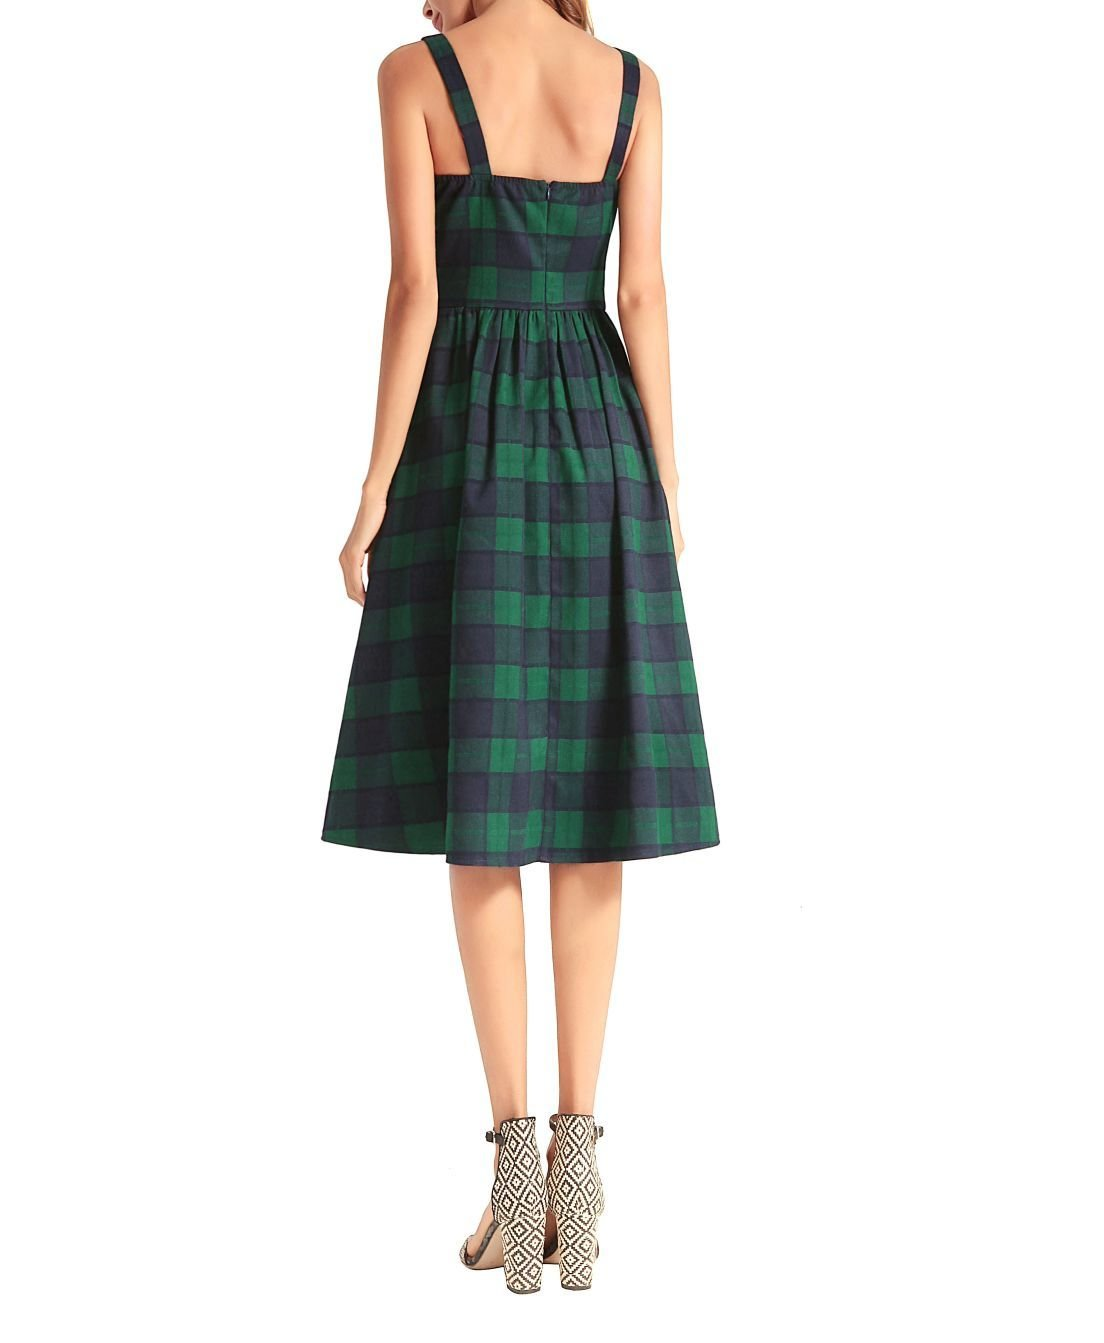 Perky Plaid Casual Dress